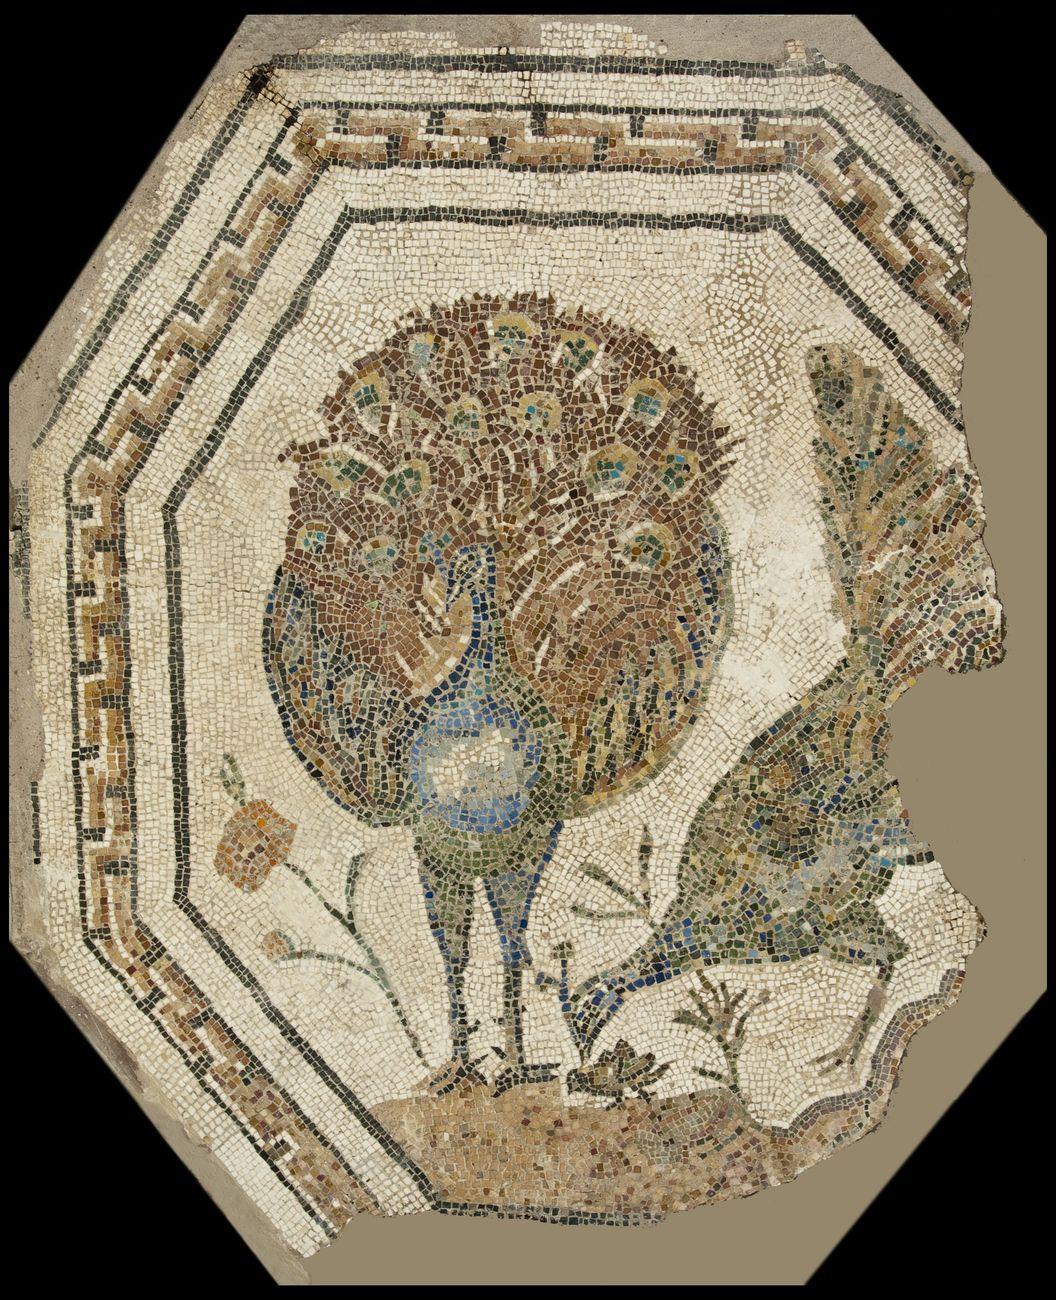 Musei Capitolini, Antiquarium, Mosaico policromo ottagonale con pavoni, II secolo d.C.